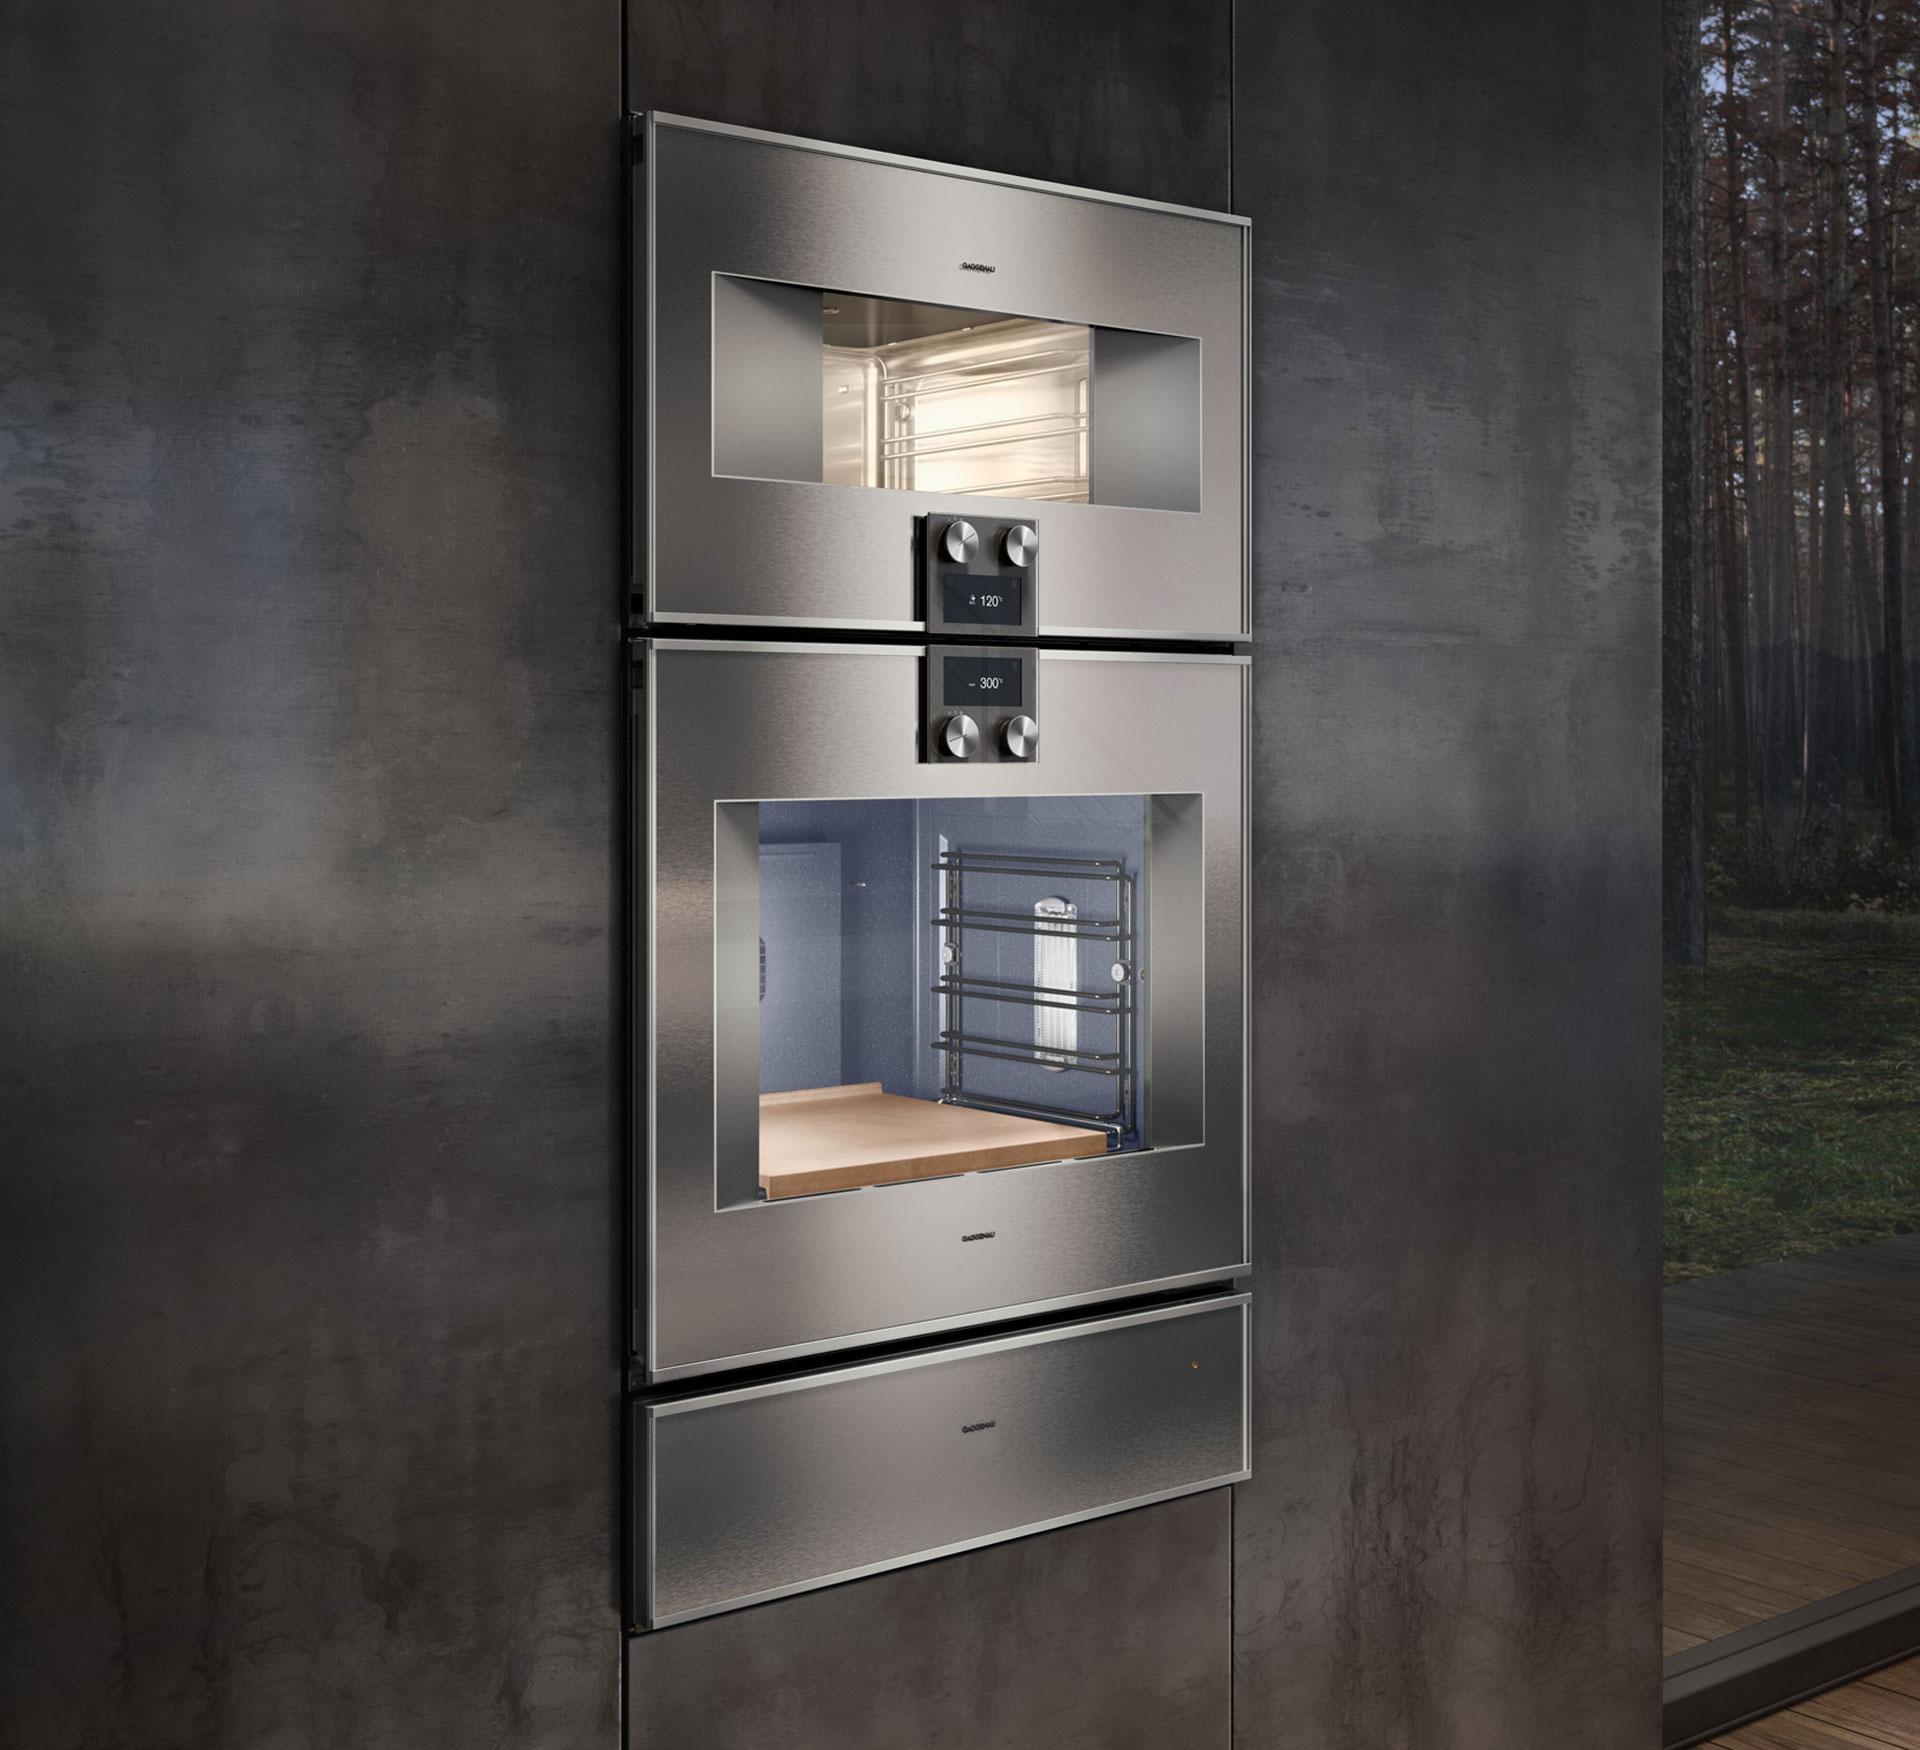 Gaggenau Küchengeräte in einer dunklen Küchenfront eingebaut